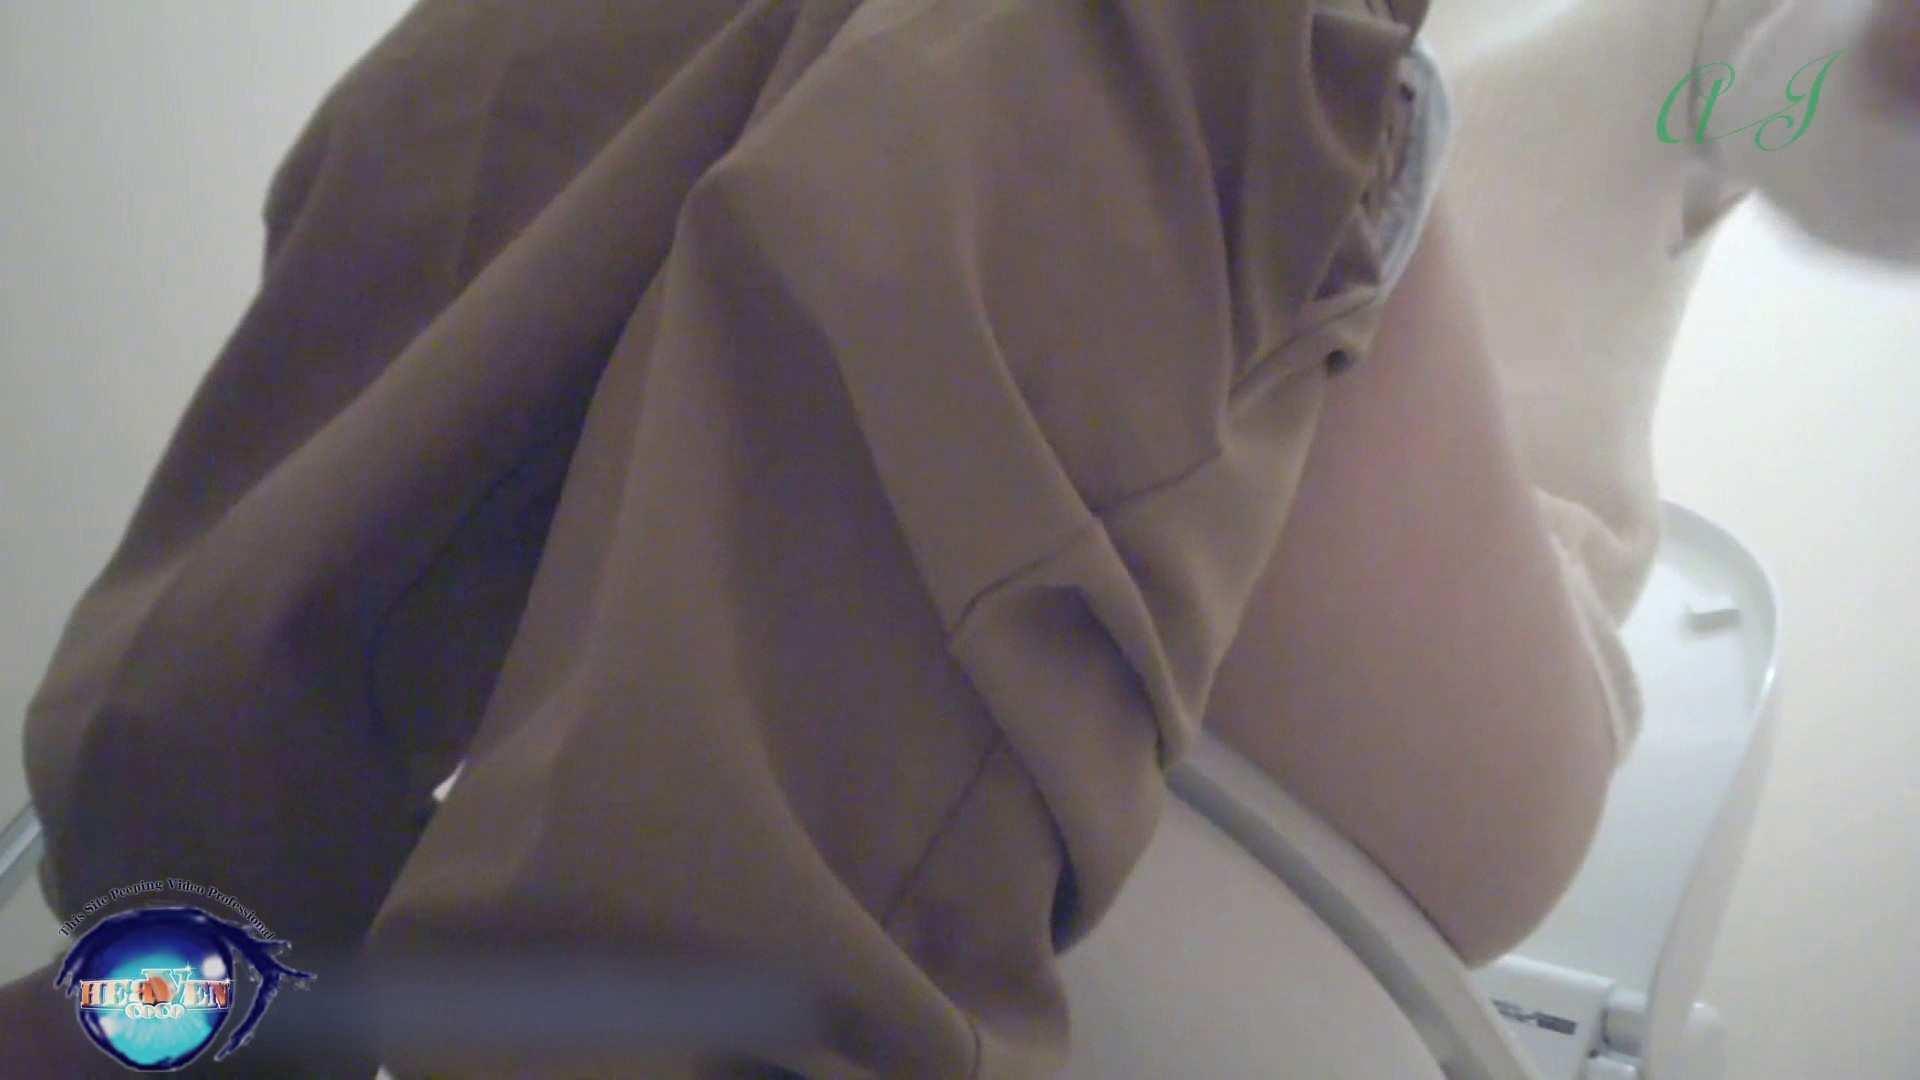 有名大学女性洗面所 vol.71 美女学生さんの潜入盗撮!後編 美女まとめ ヌード画像 102PIX 10